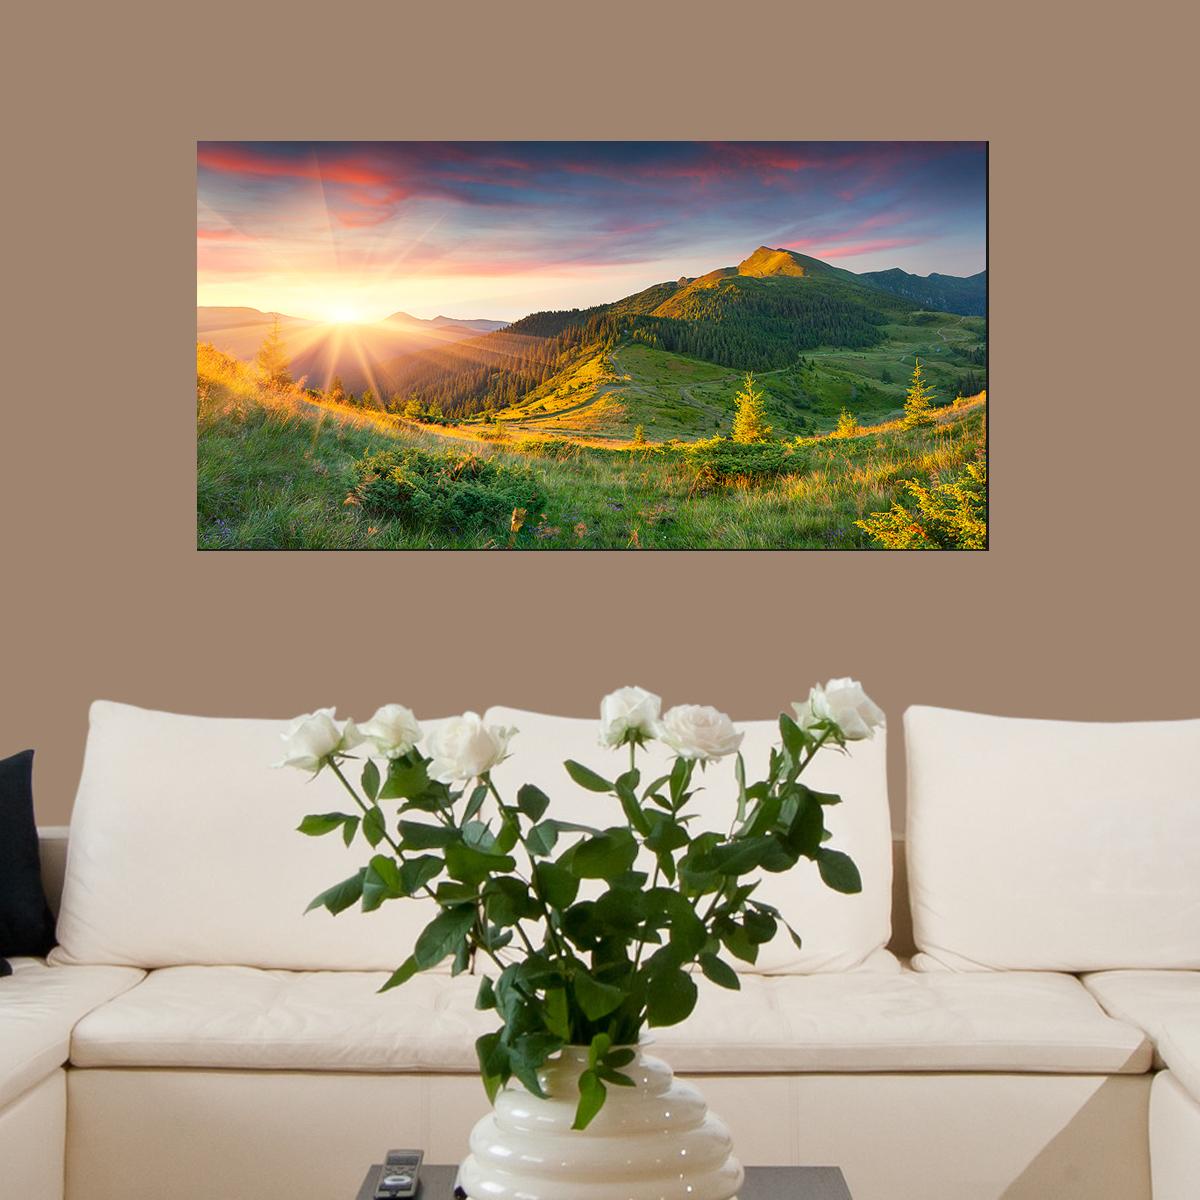 papier peint magn tique sticker papier peint magn tique coucher de soleil montagne ambiance. Black Bedroom Furniture Sets. Home Design Ideas